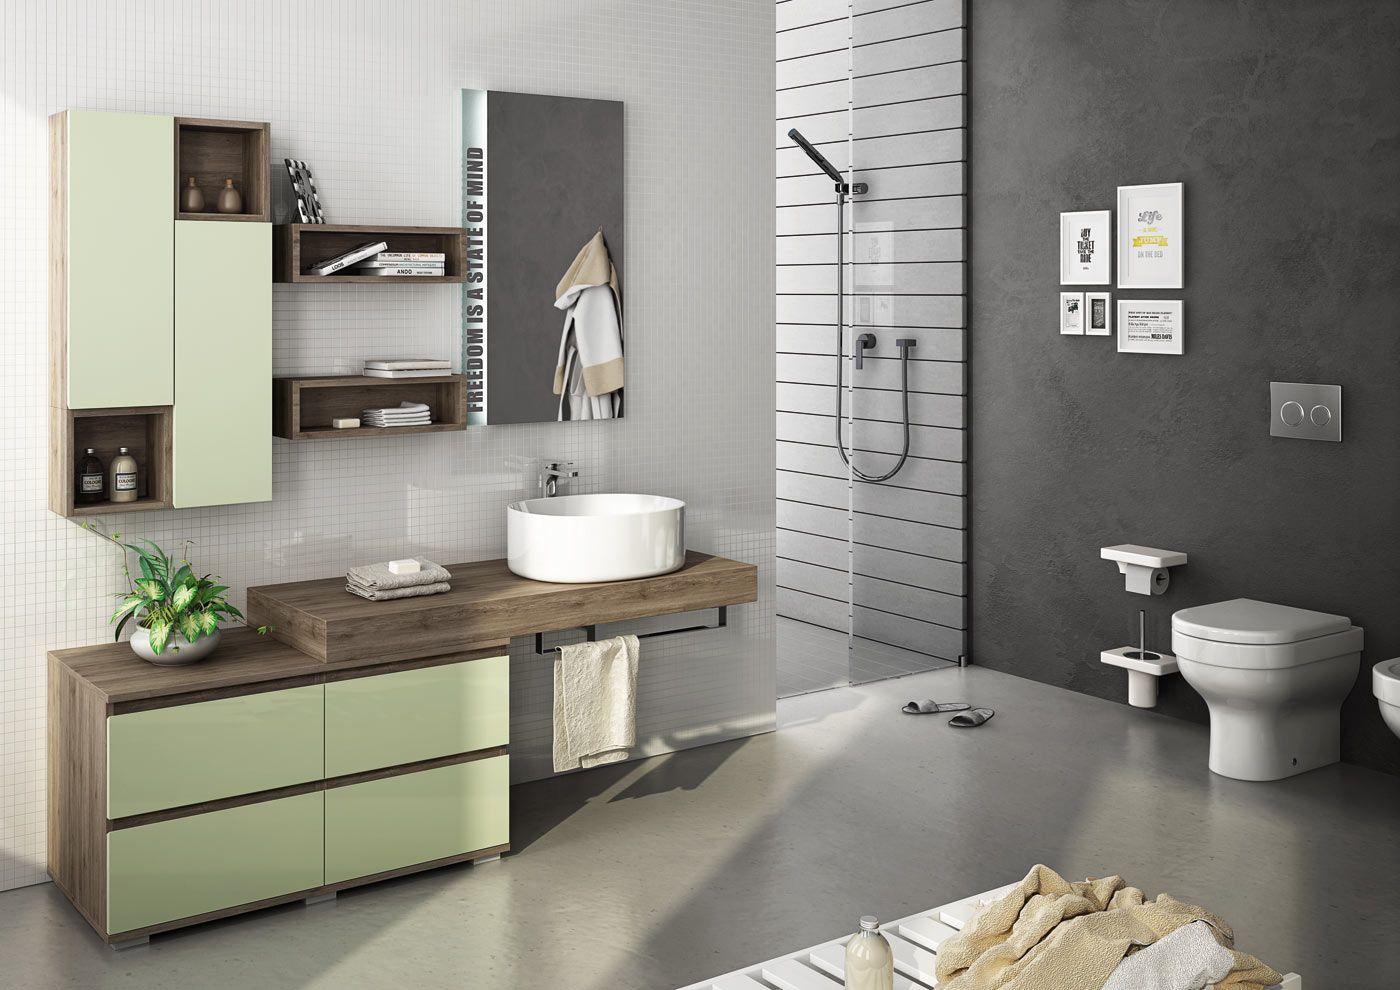 Mobile lavabo componibile singolo FREEDOM 19 by LEGNOBAGNO